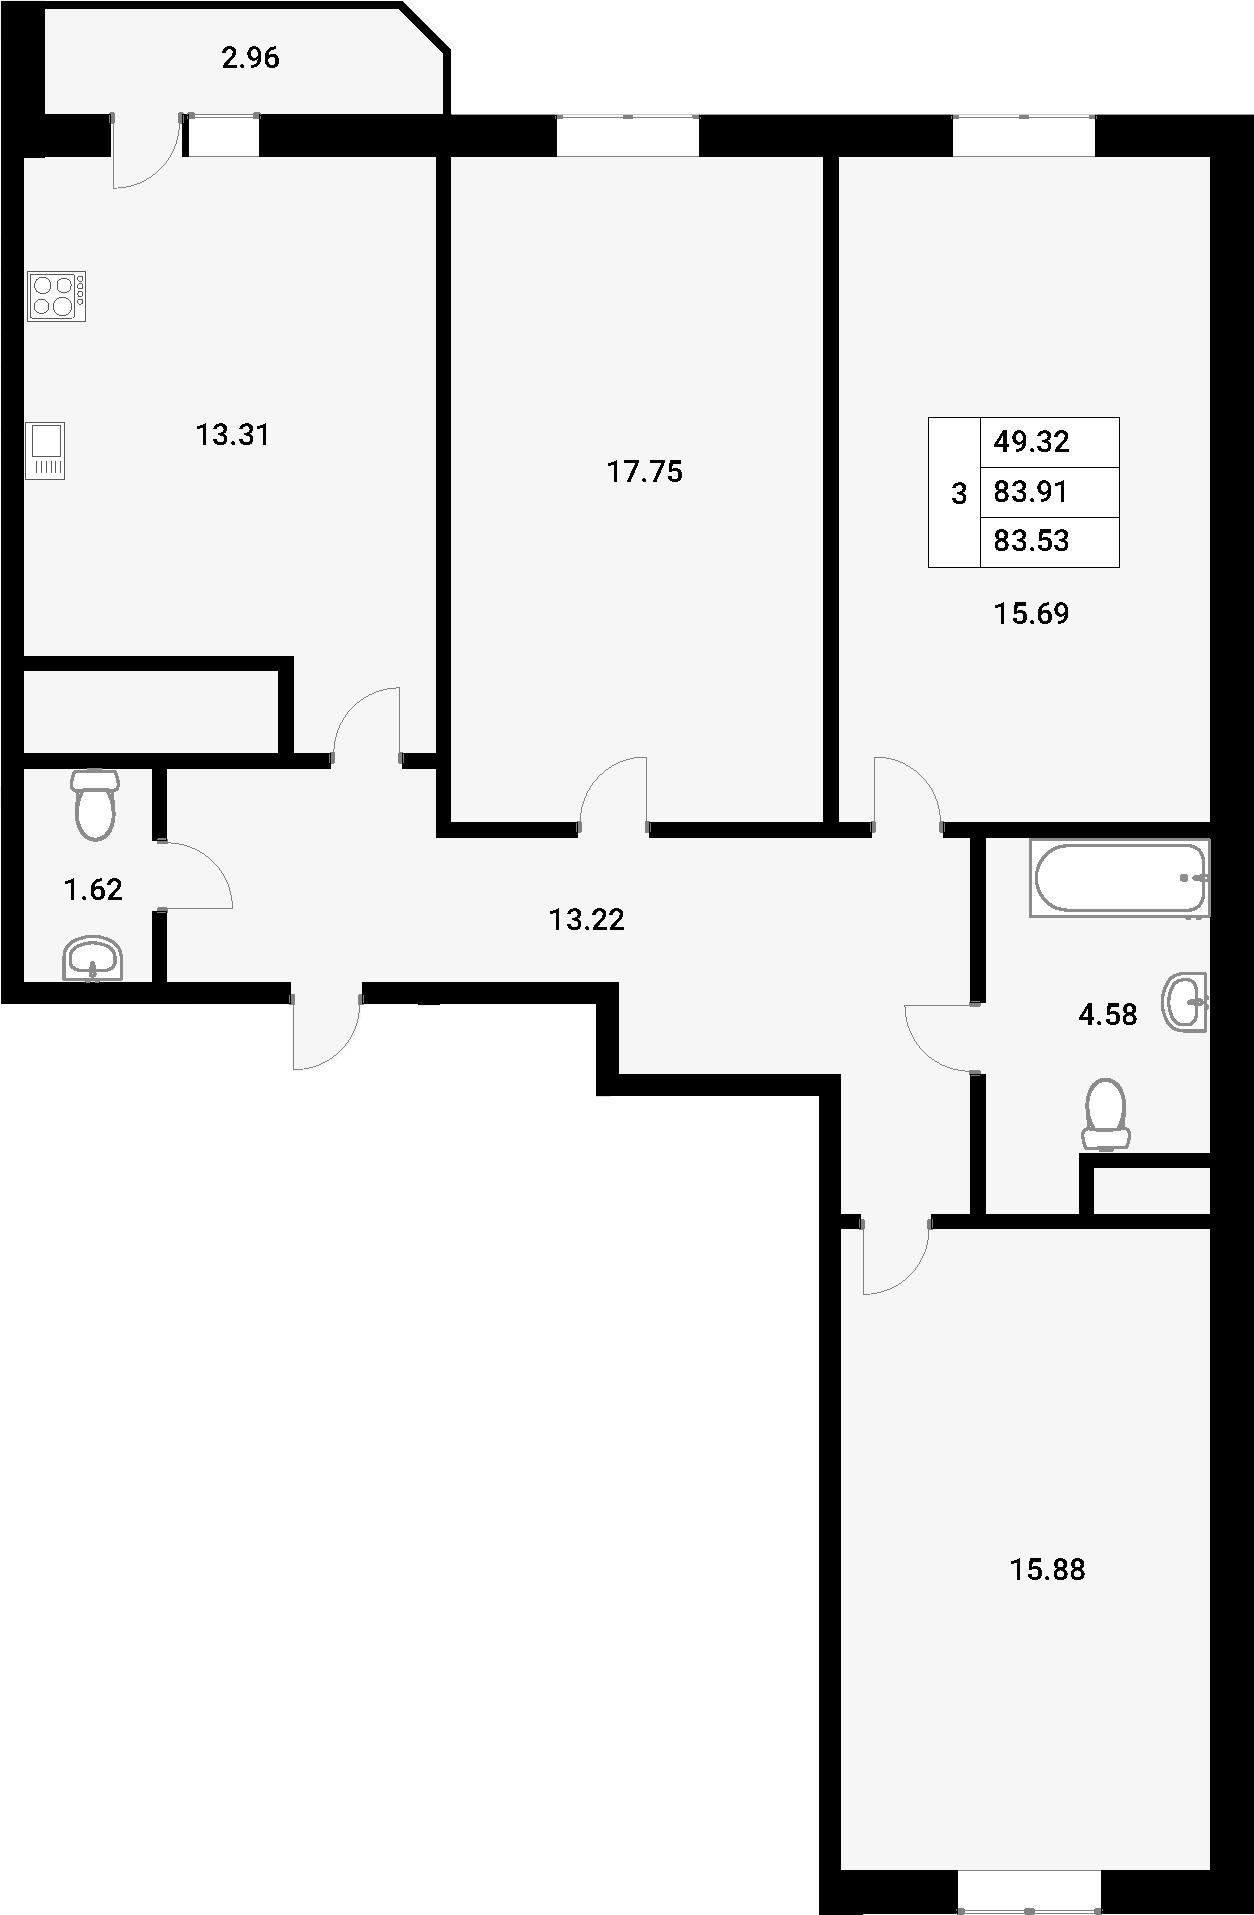 3-комнатная, 83.53 м²– 2